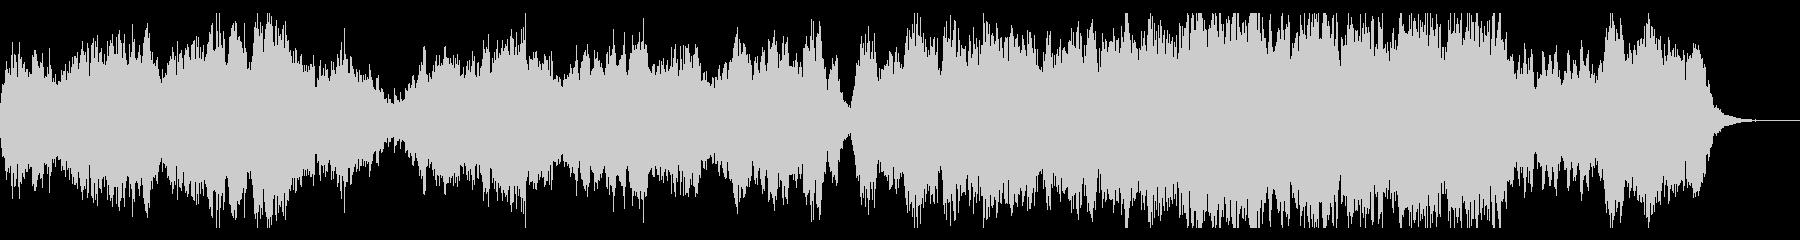 切ないメロディの合唱&オーケストラBGMの未再生の波形